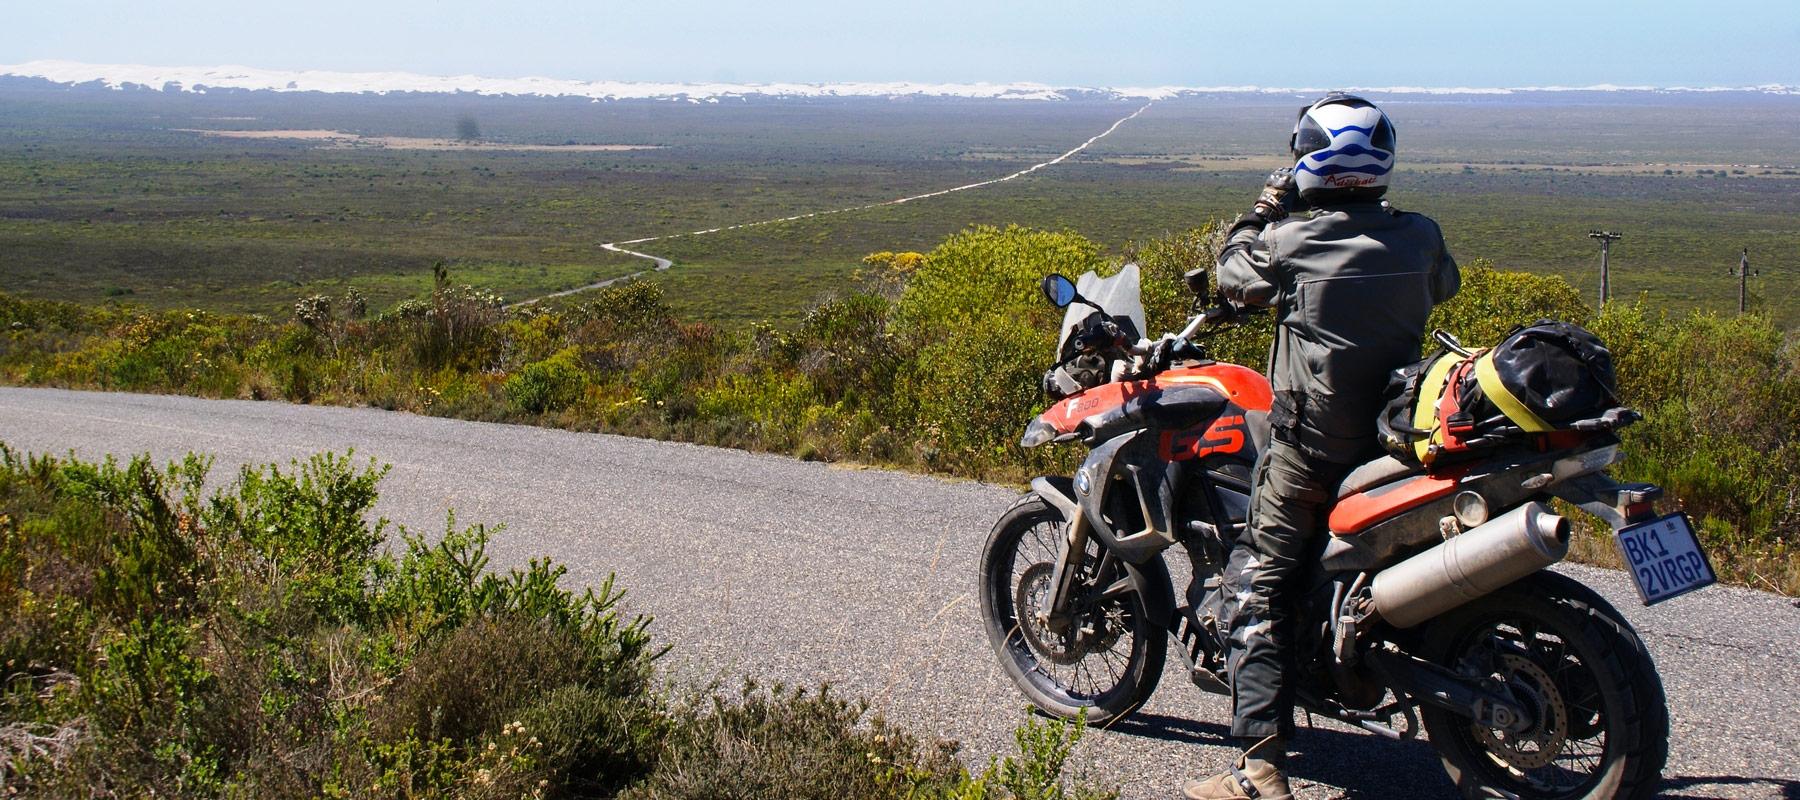 voyage moto en afrique du sud la route des jardins en libert. Black Bedroom Furniture Sets. Home Design Ideas